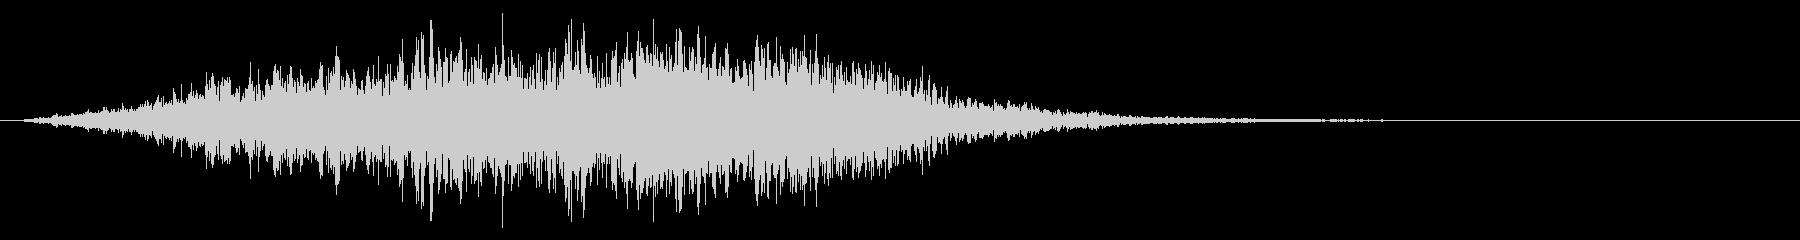 メカやロボの起動音「ブーン!」5の未再生の波形